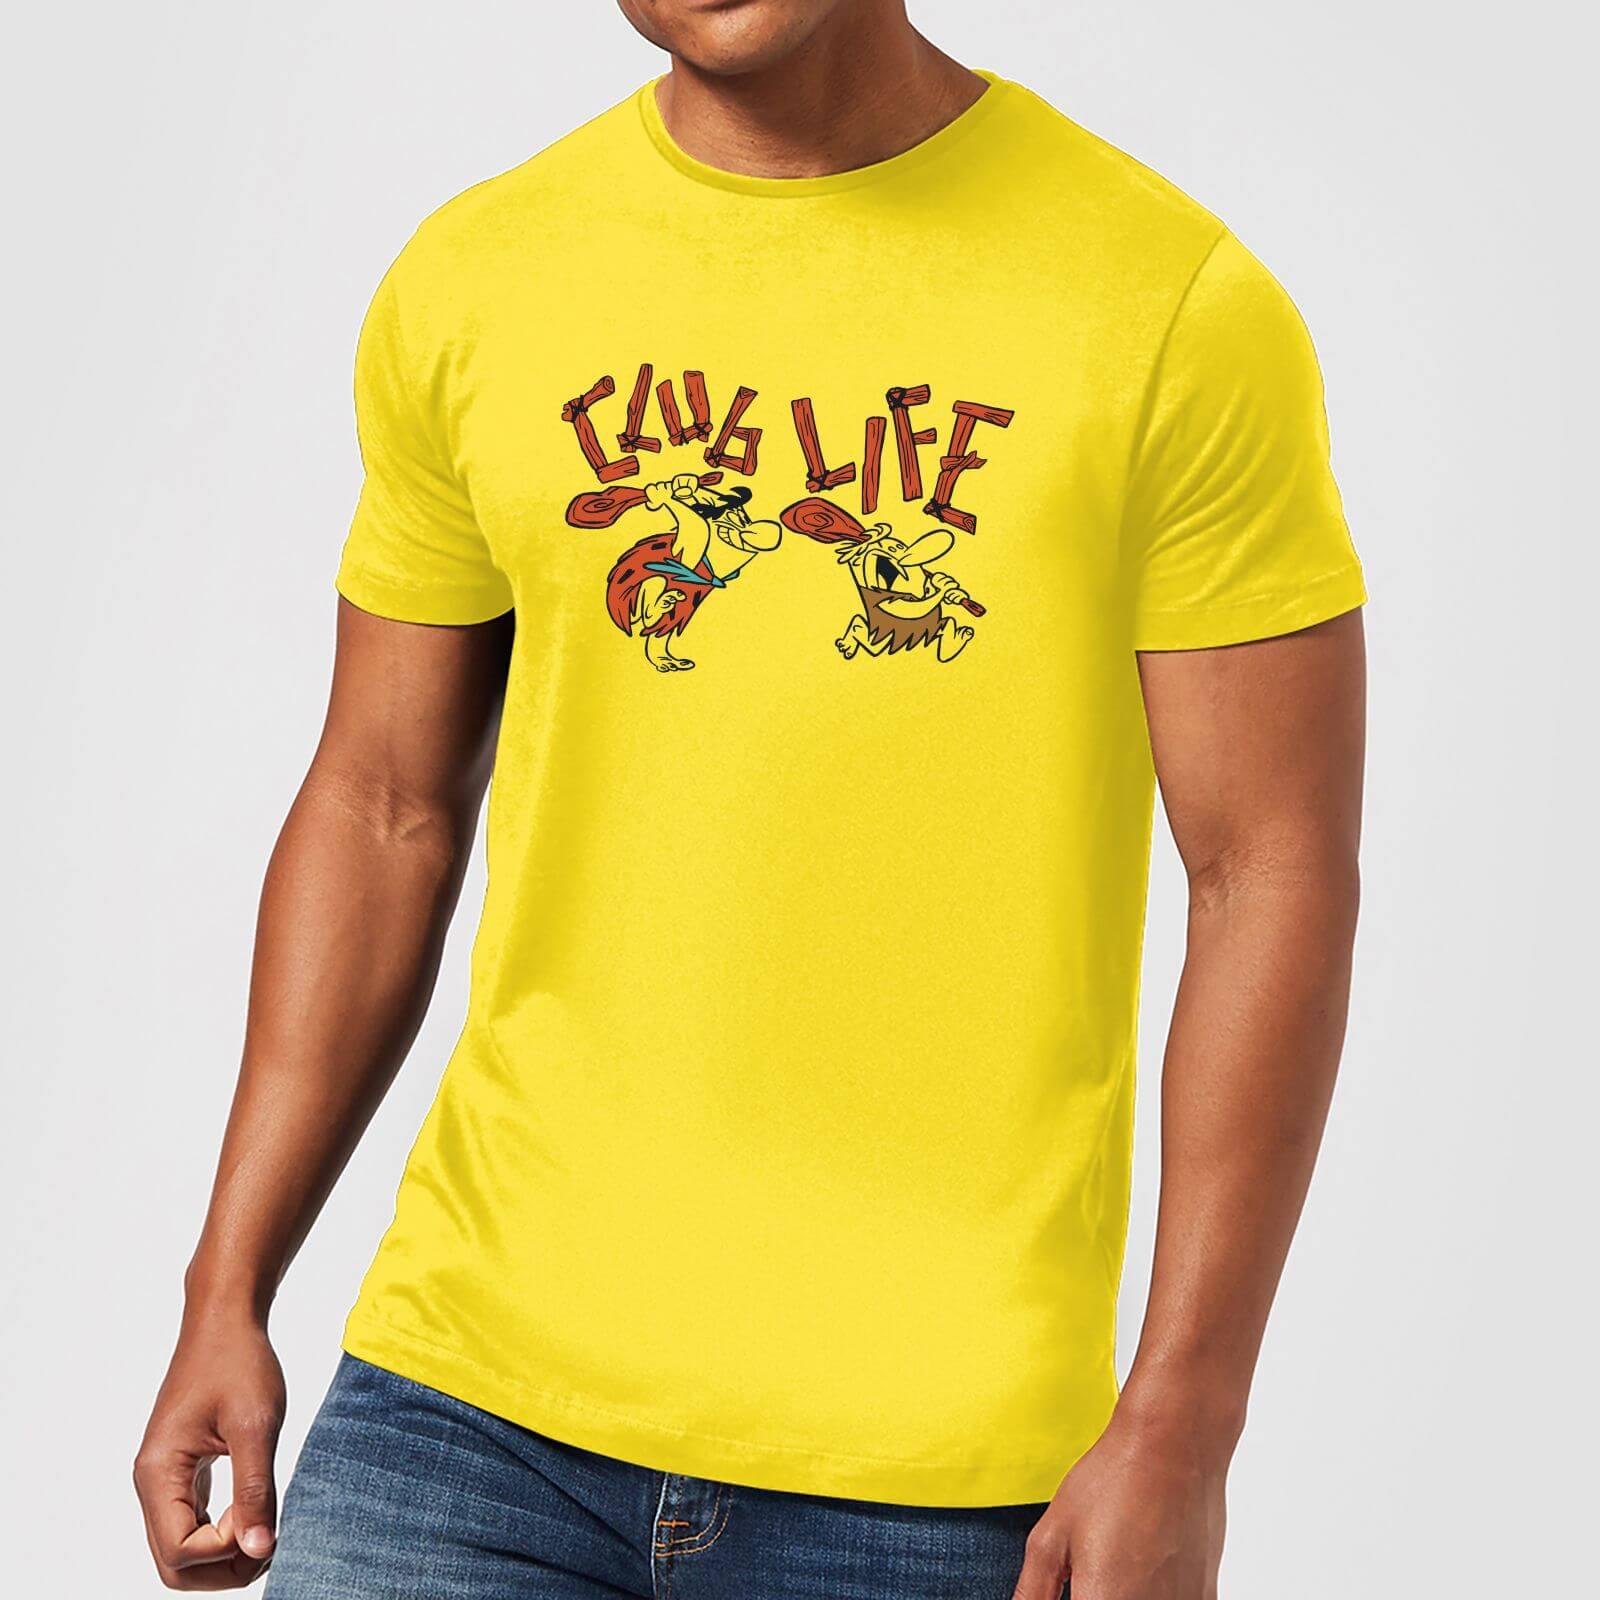 The Flintstones Club Life Men's T Shirt Yellow XS Geel